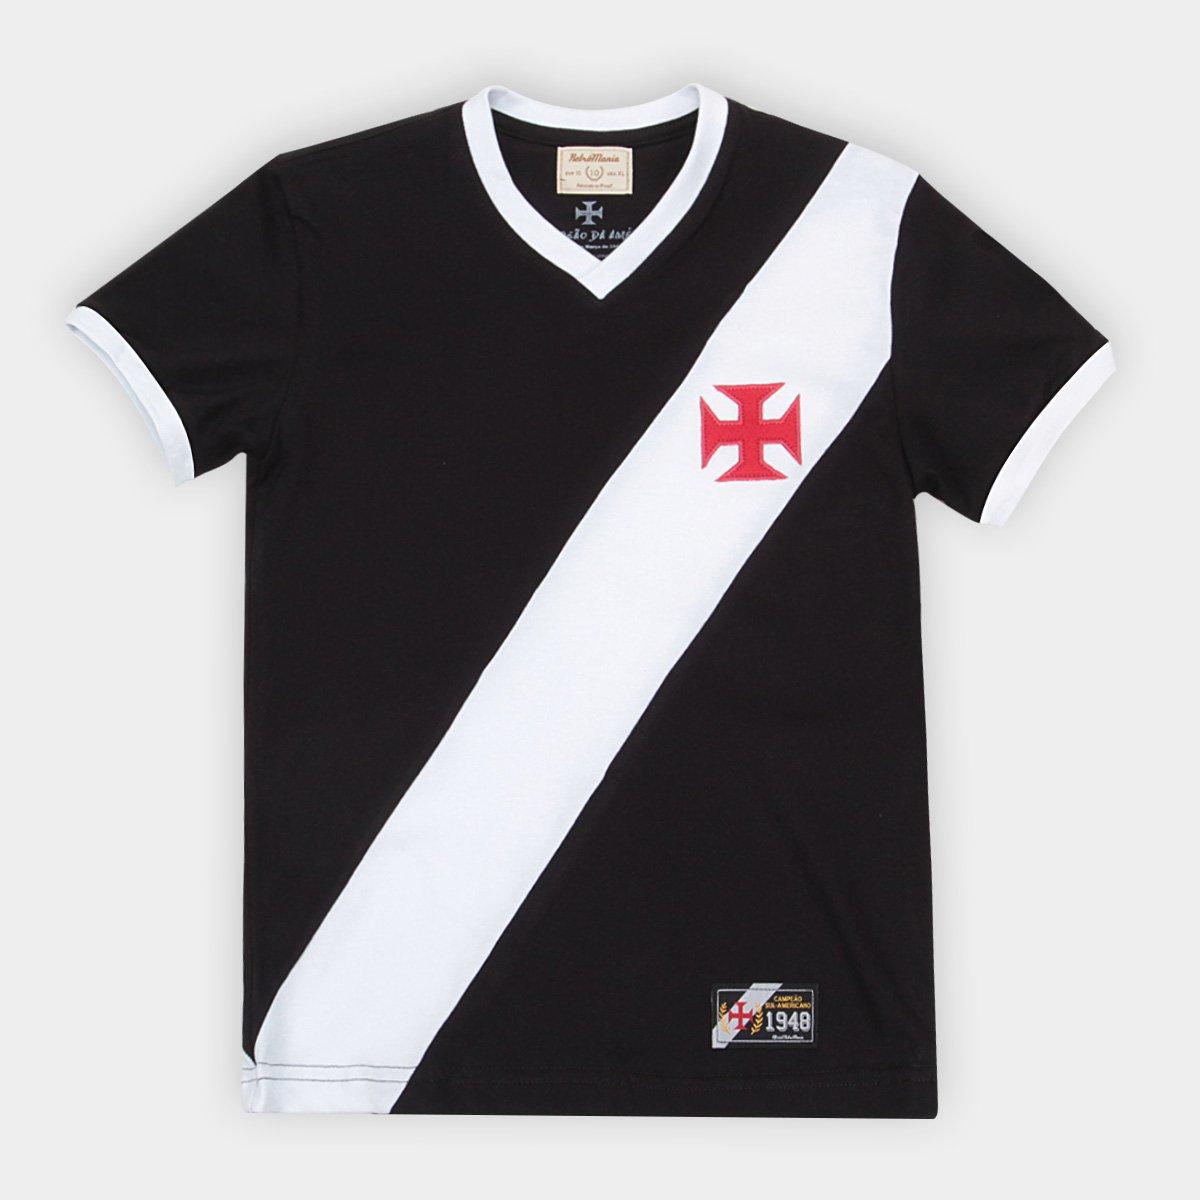 81ad3a2b77 Camiseta Vasco Juvenil Retrô Mania 1948 - Preto e Branco - Compre ...